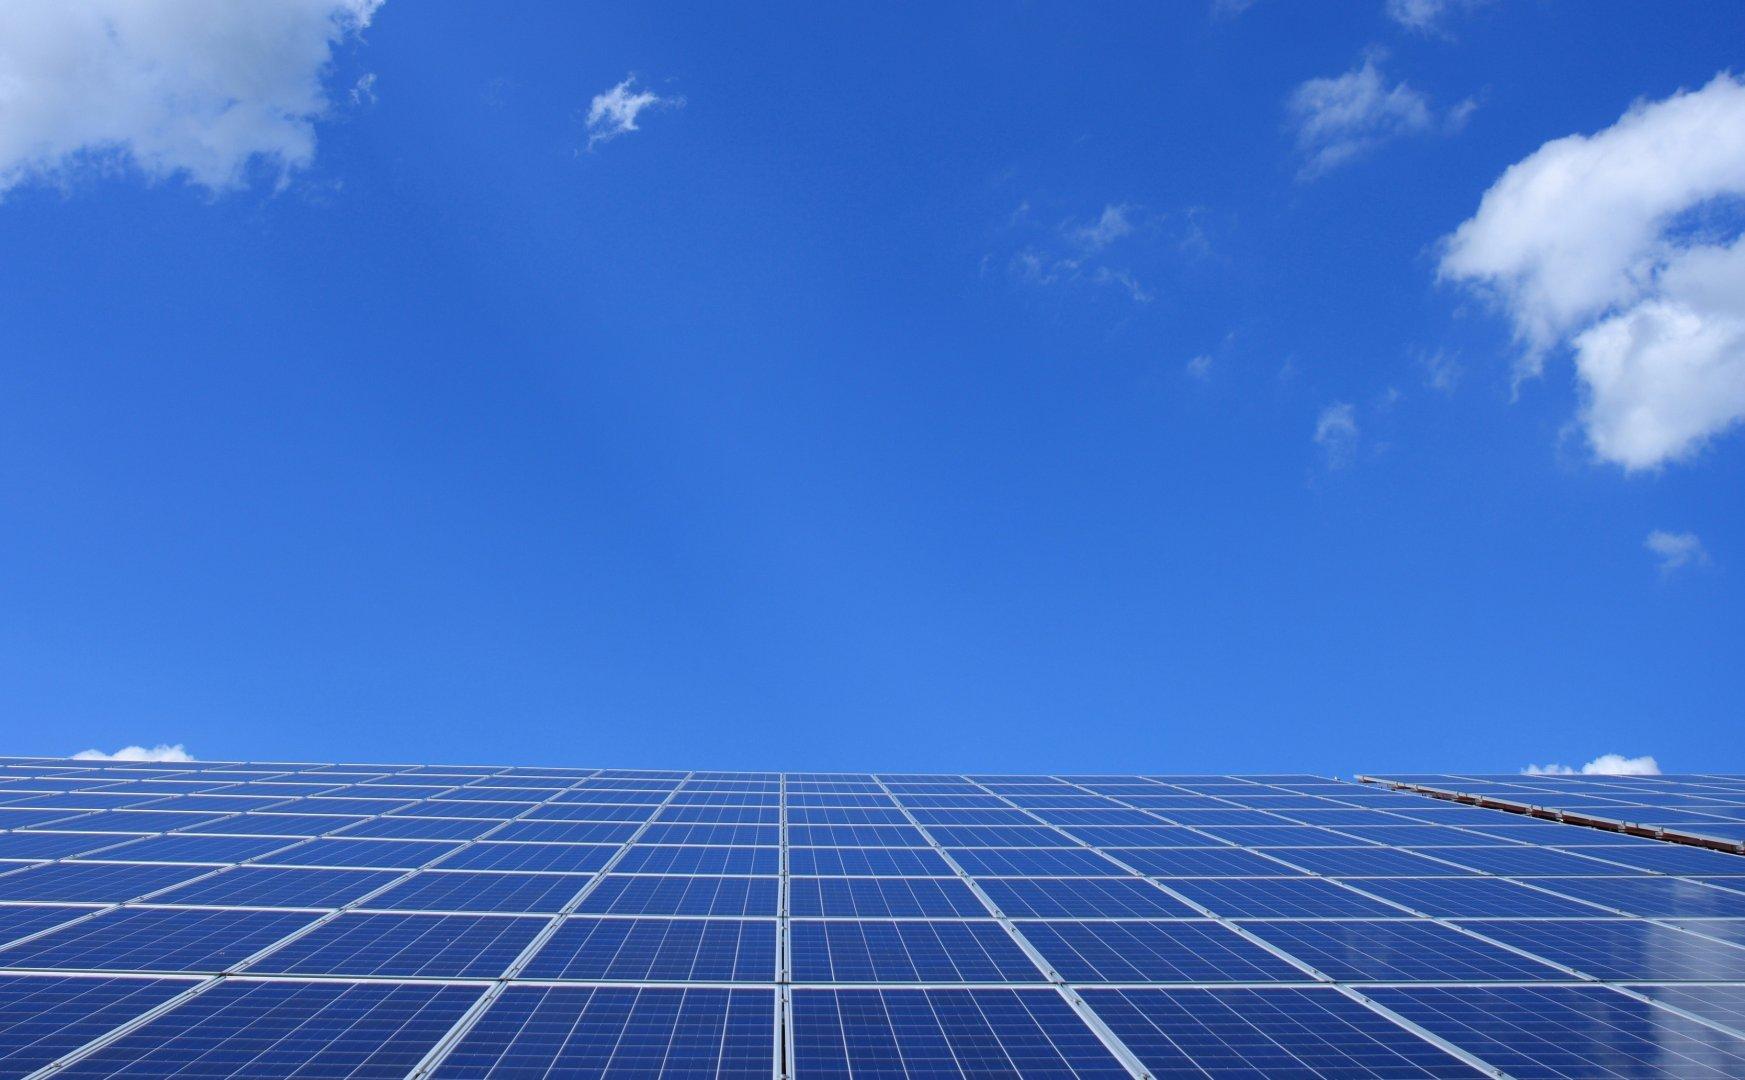 A legimpozánsabb <br>napelemes weboldal! - Background